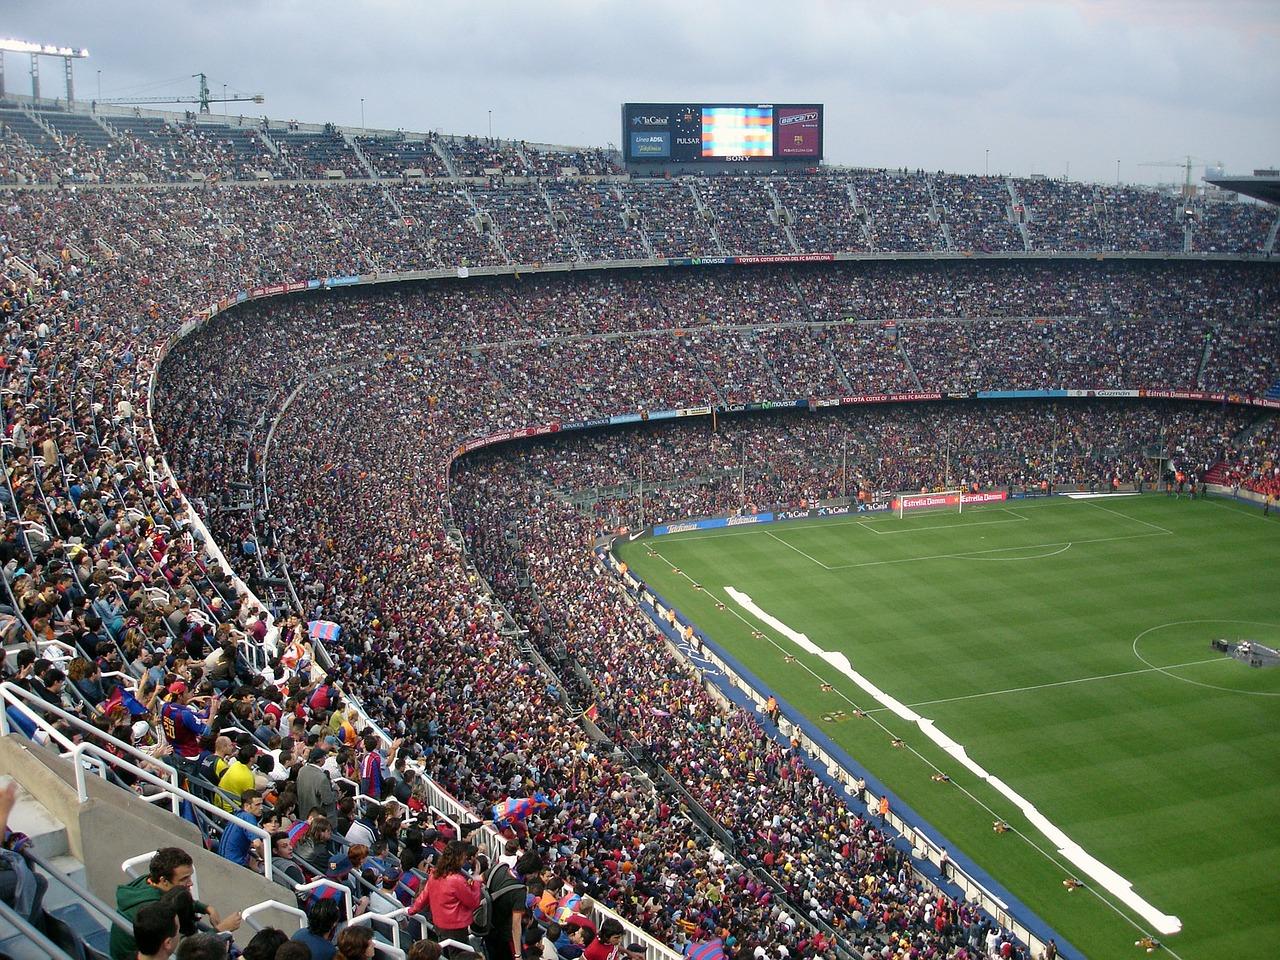 donde-ver-la-final-de-la-champions-2019-en-barcelona